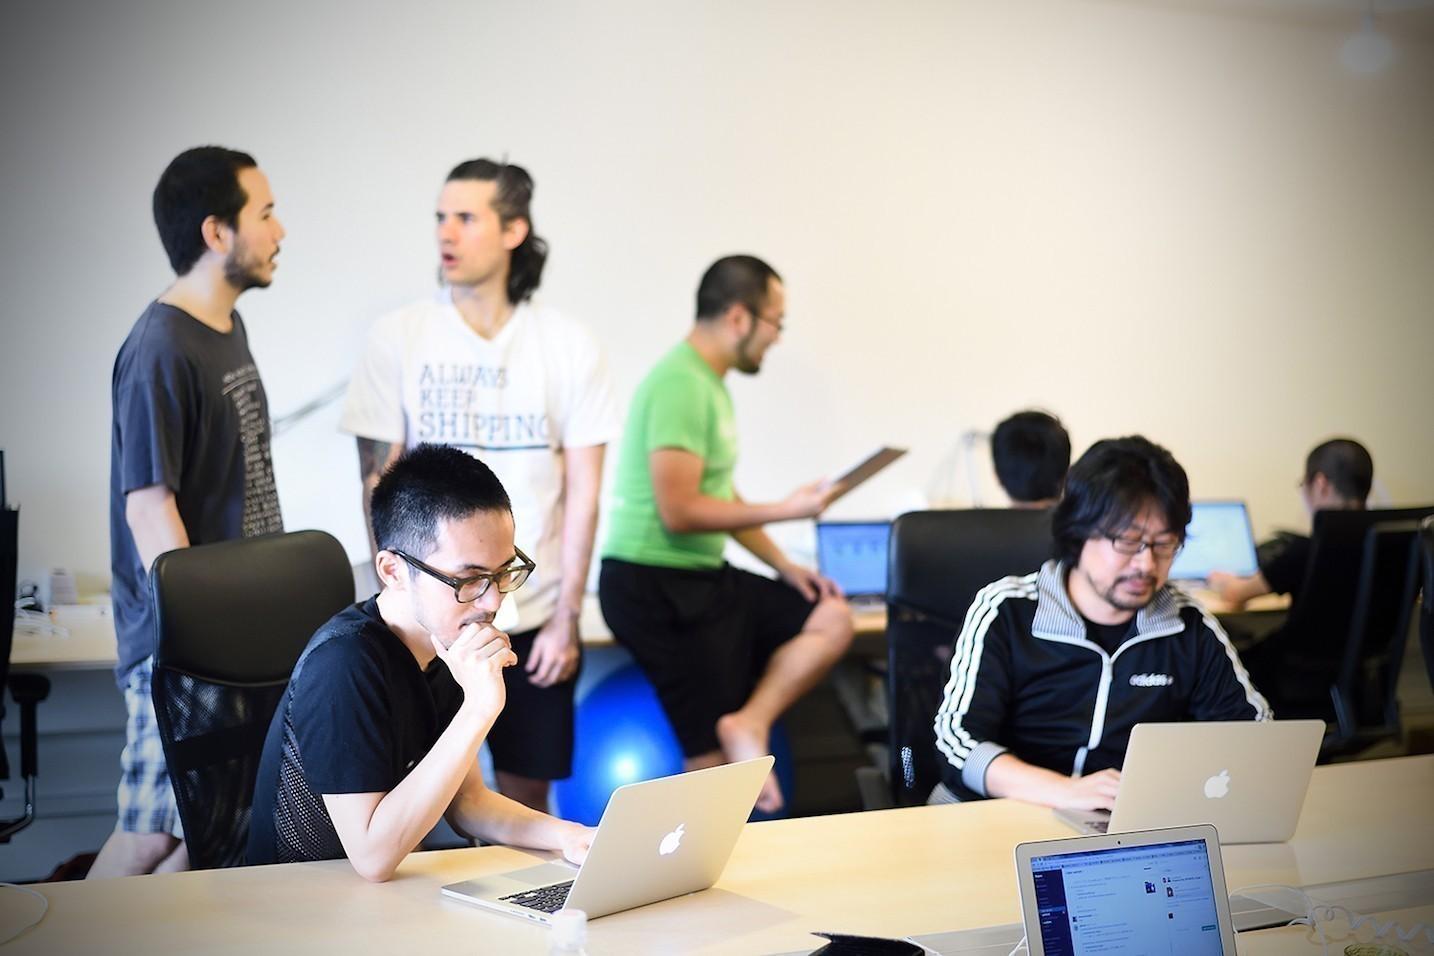 46ヶ国で利用される「Repro」が世界中のグロースハック方法を集めるWebメディア開発・運営を担当するエンジニア募集!